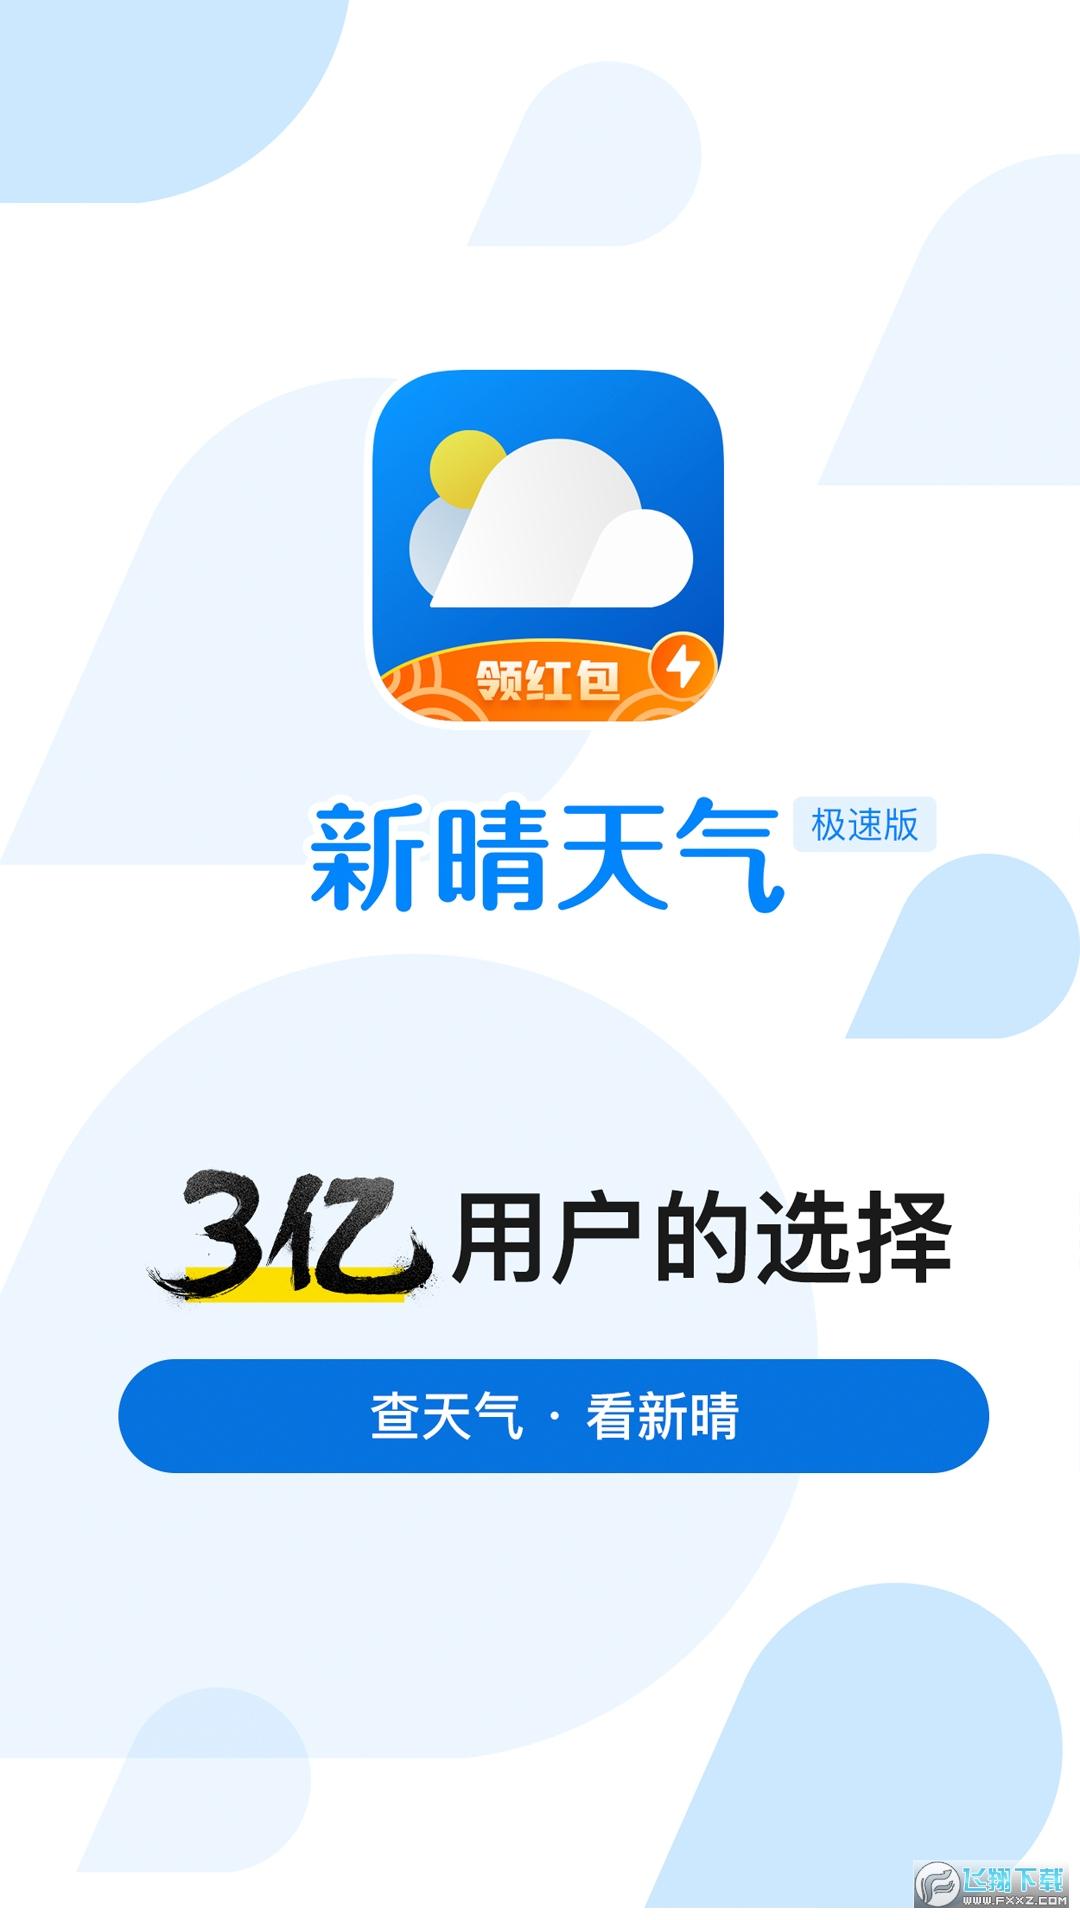 新晴天气极速版红包版赚钱appv1.1.4提现版截图0